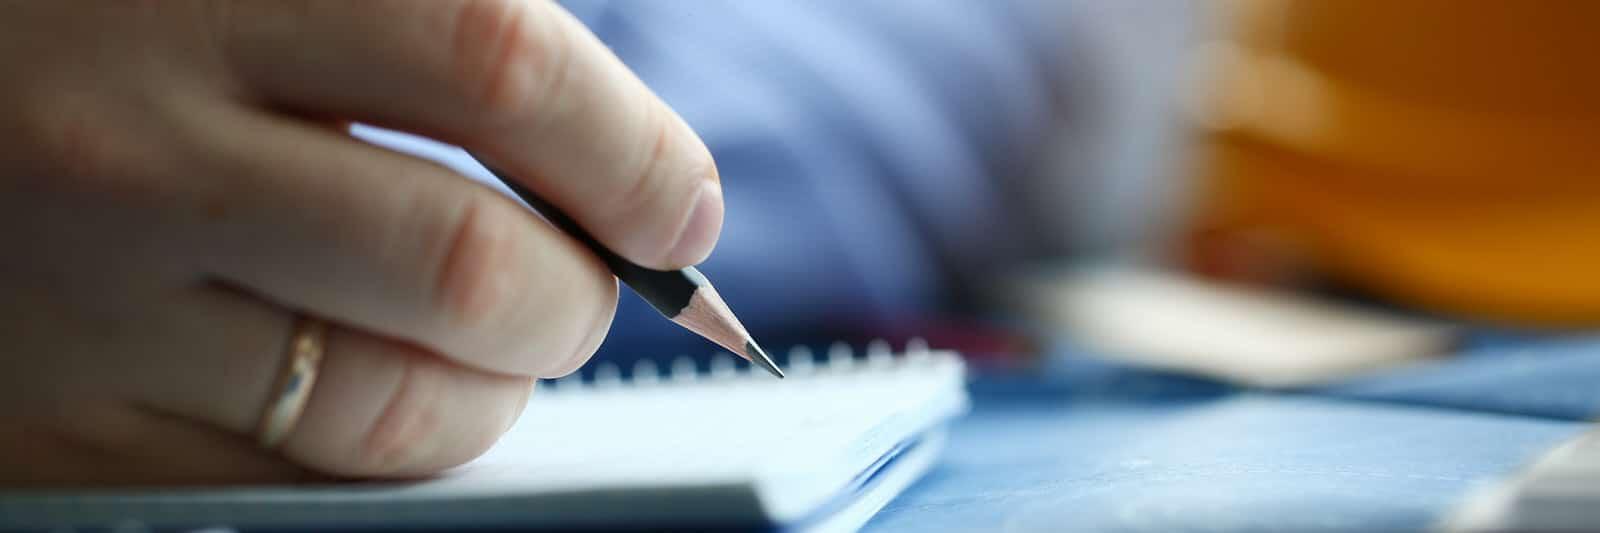 Jemand schreibt mit einem Bleistift auf einen Block Papier